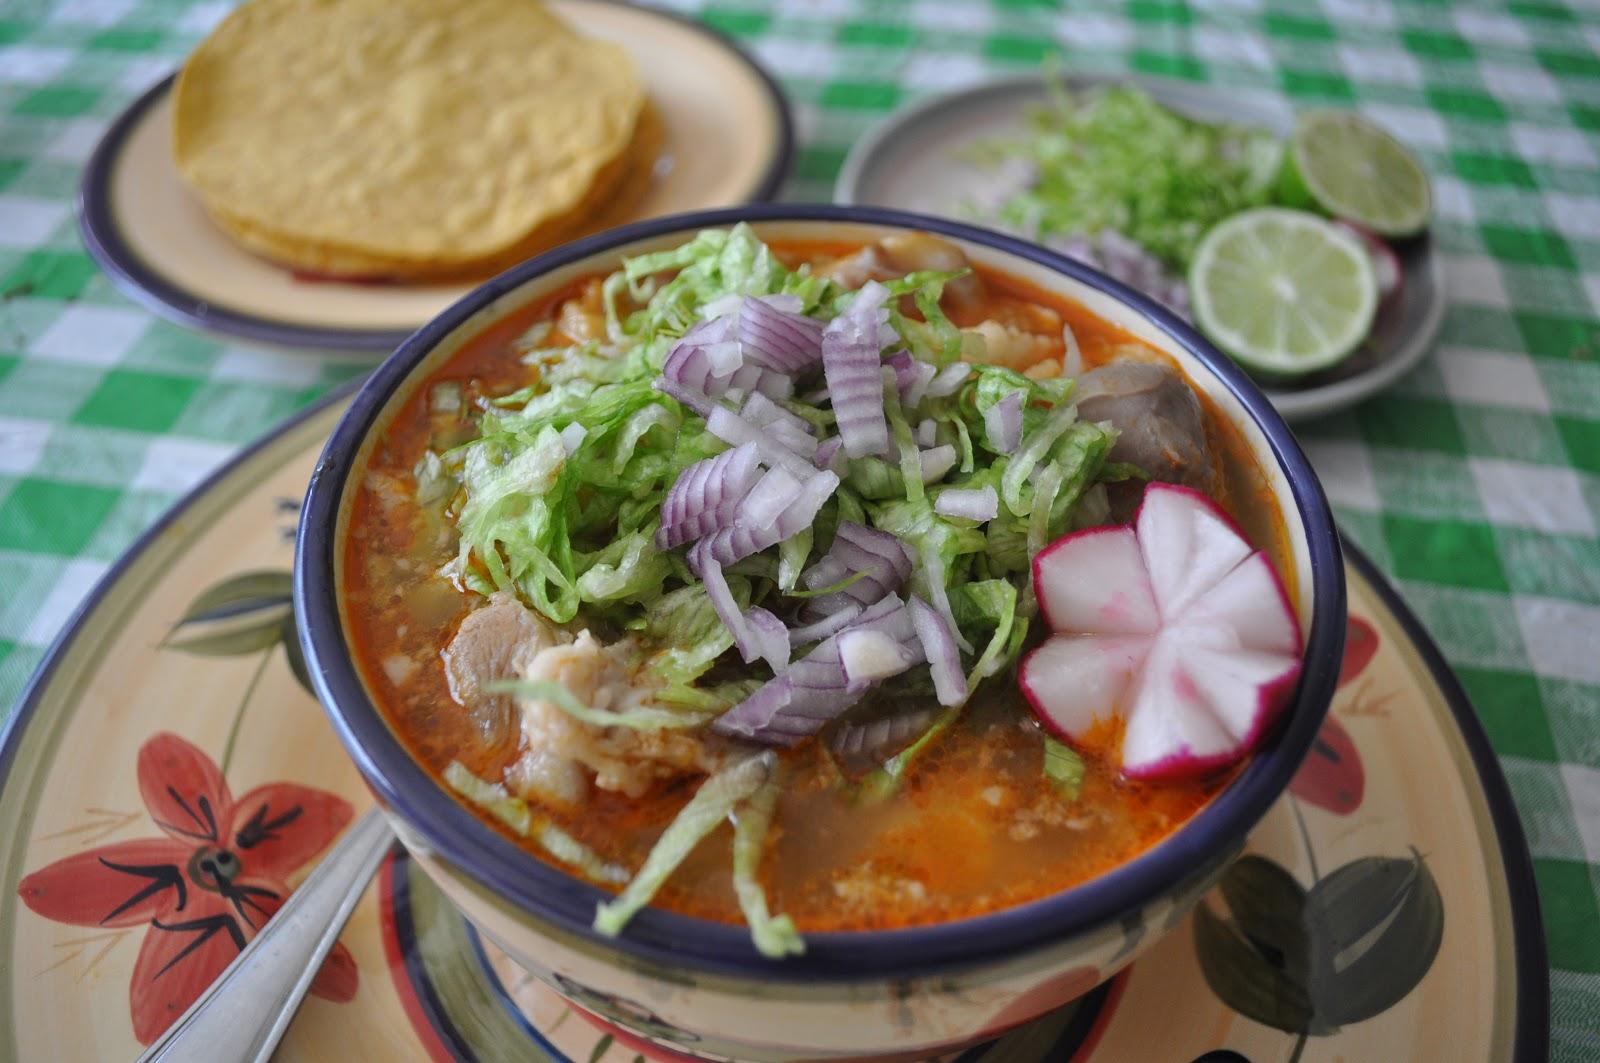 Jalisco Pozole (Red pozole)